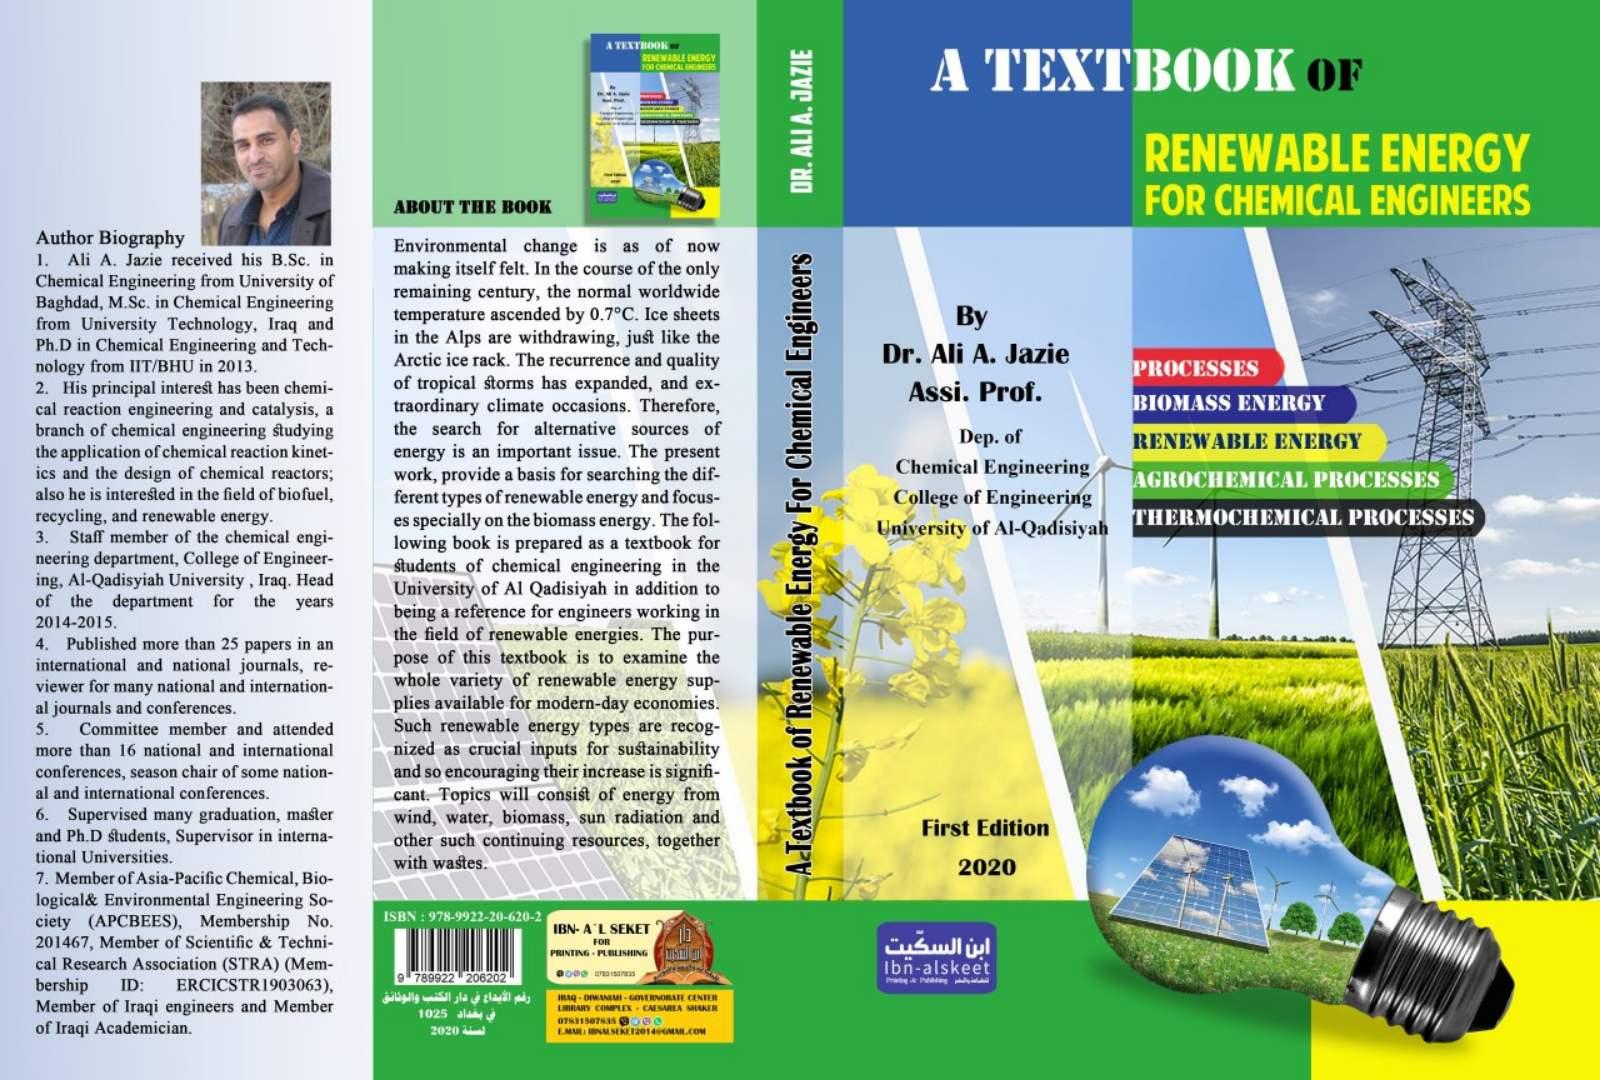 اصدار كتاب يغطي جميع مصادر الطاقة المتجددة لتدريسي في كلية الهندسة جامعة القادسية